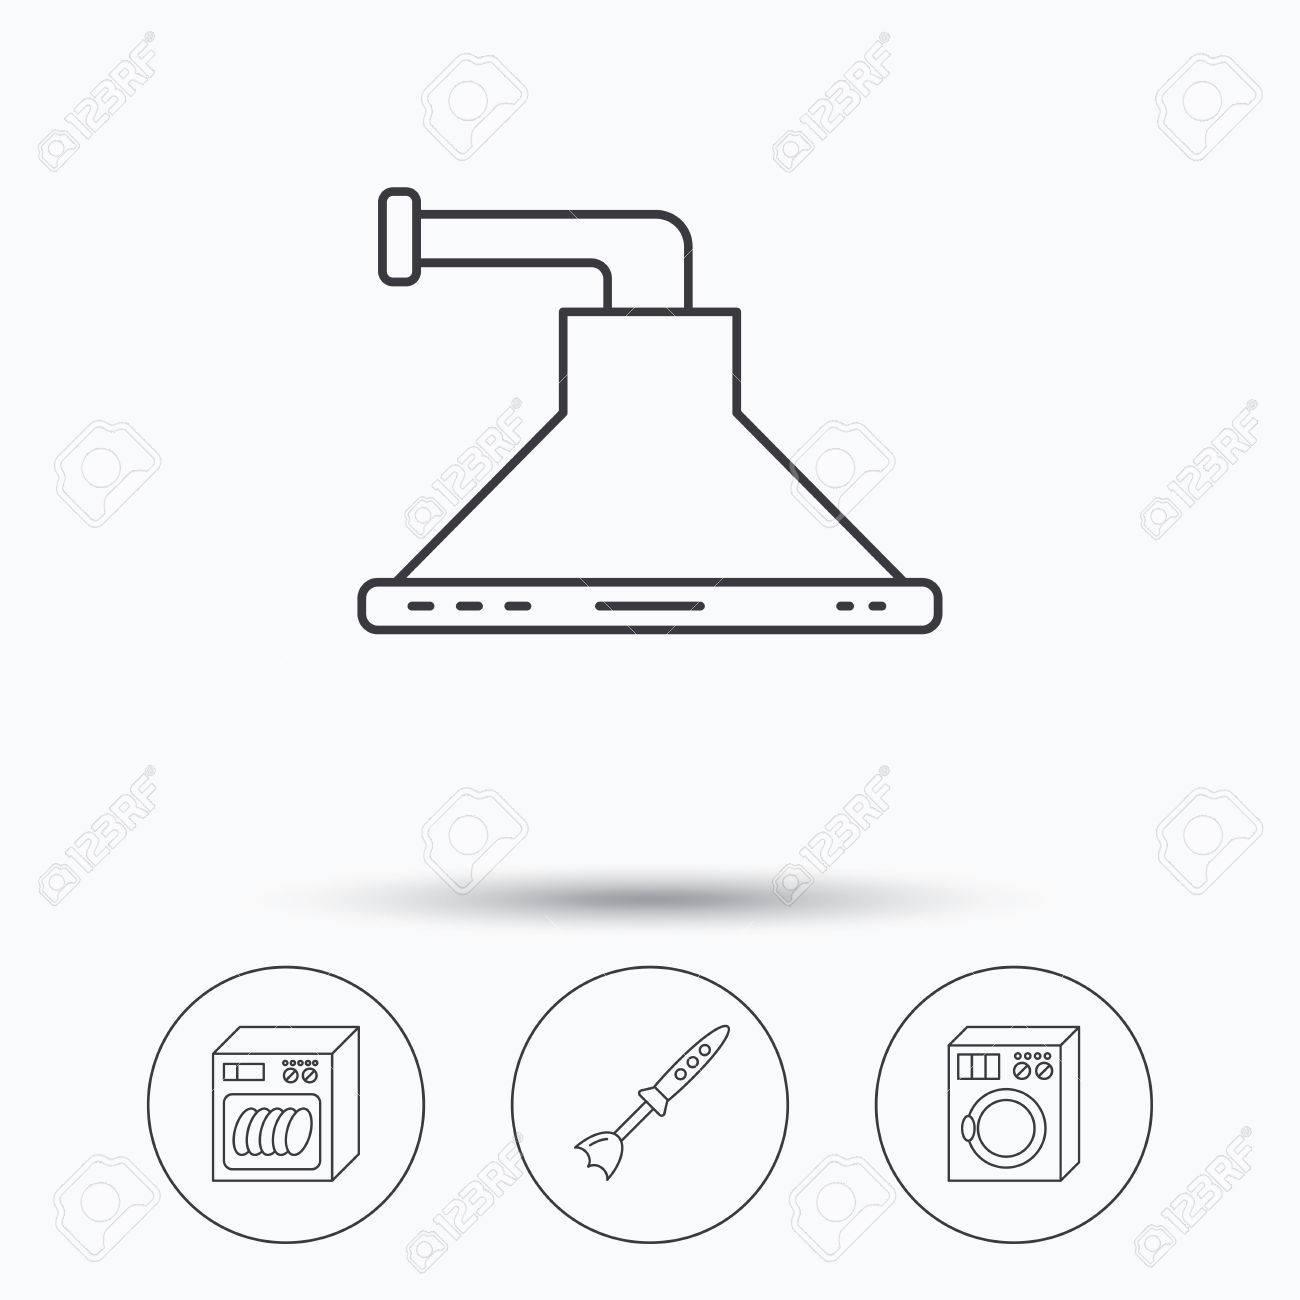 Salz Geschirrspuler Zeichen Integrierte Geschirrspuler In